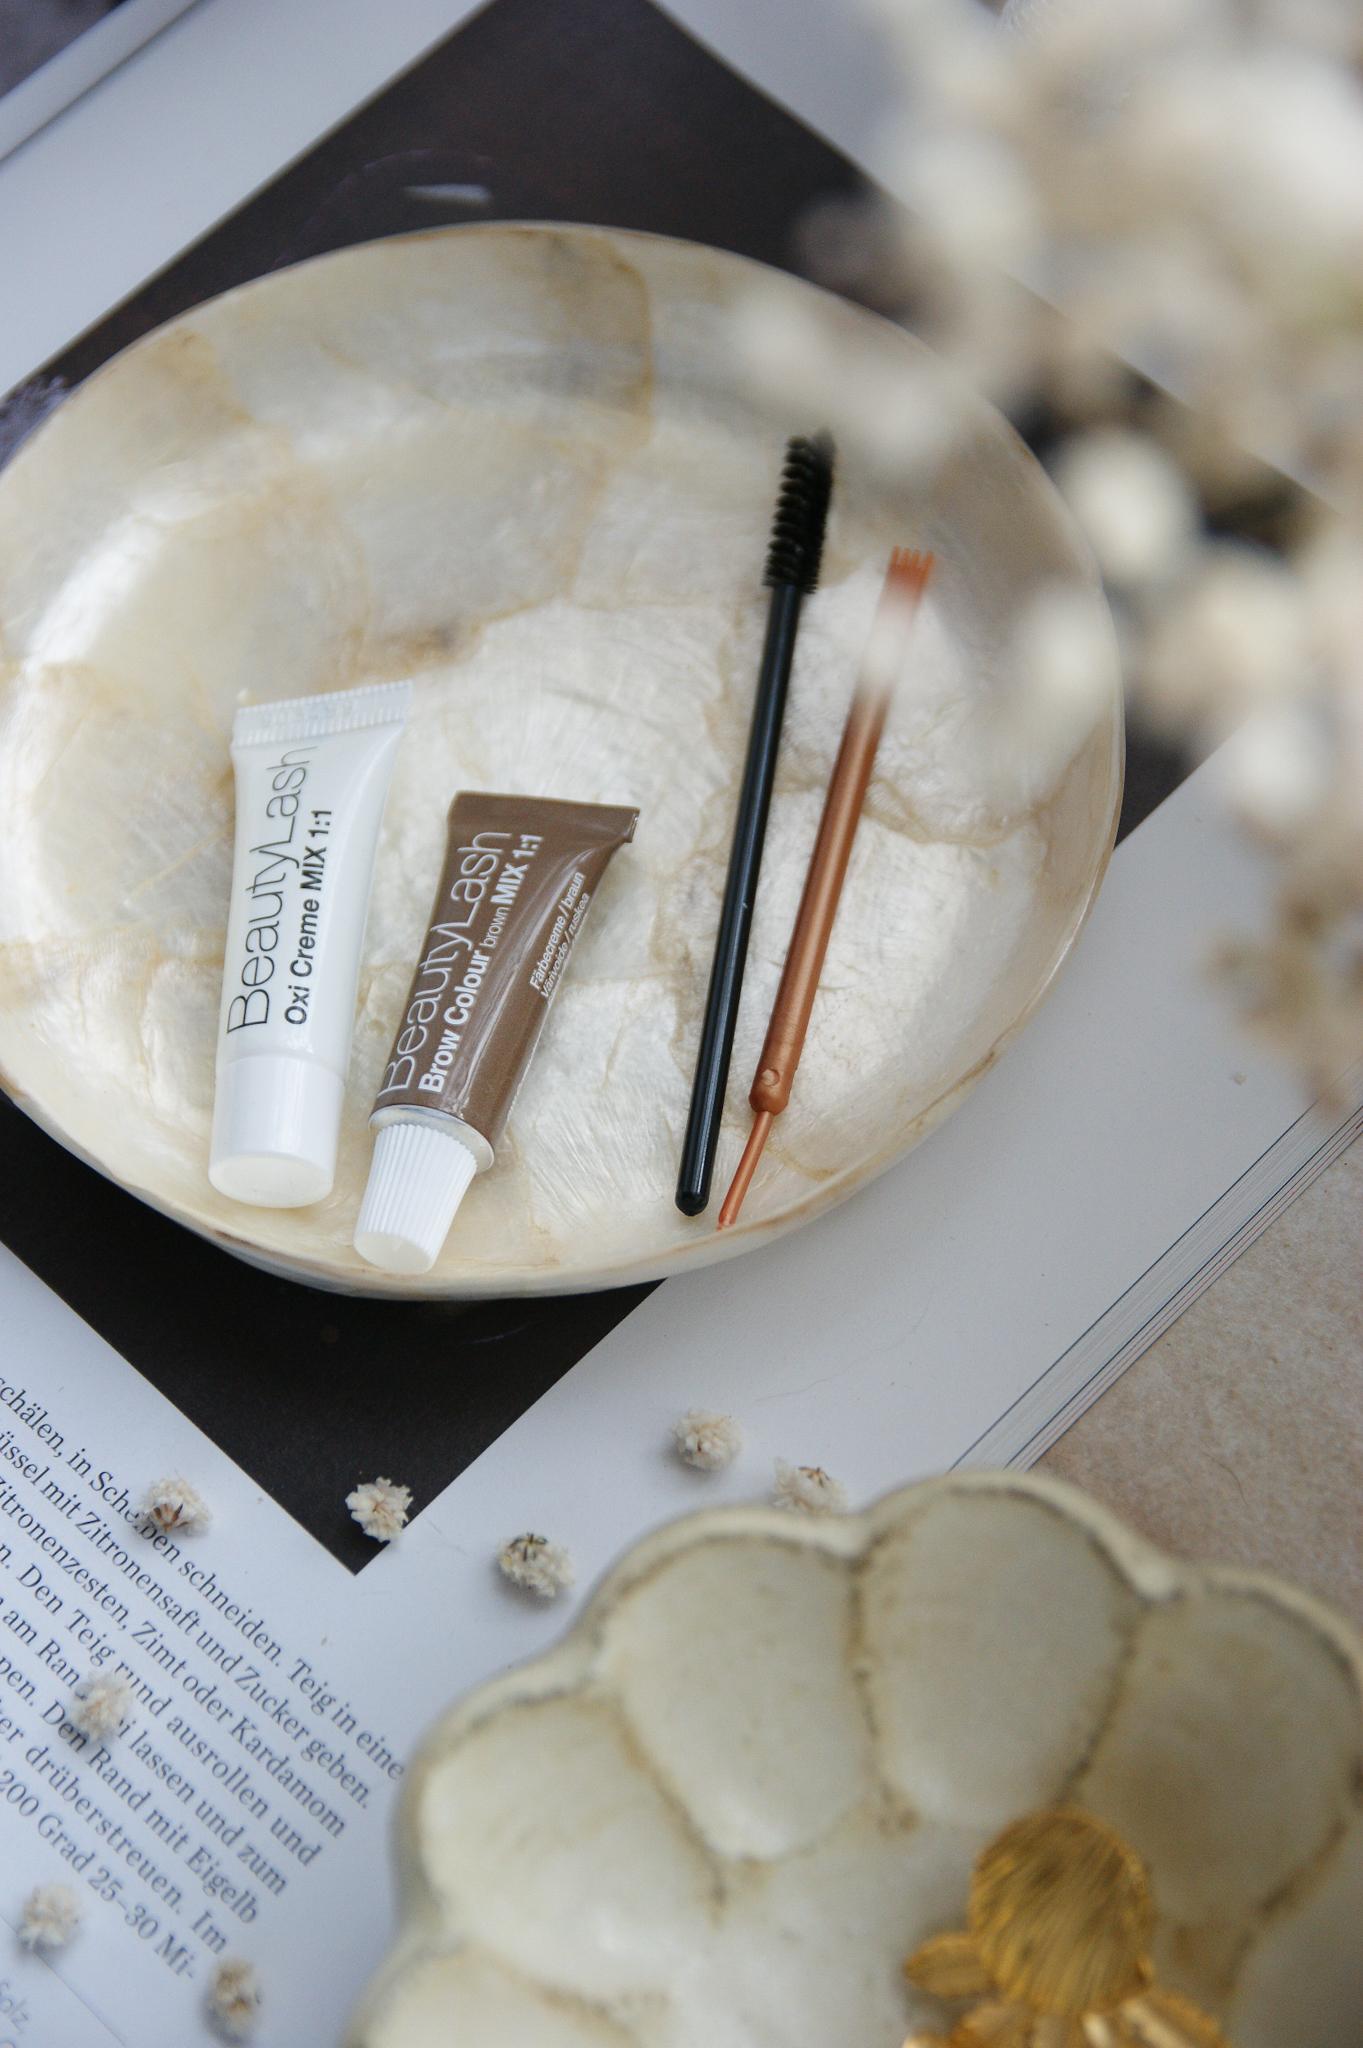 BeautyLash: Augenbrauen und Wimpern färben von zu Hause aus